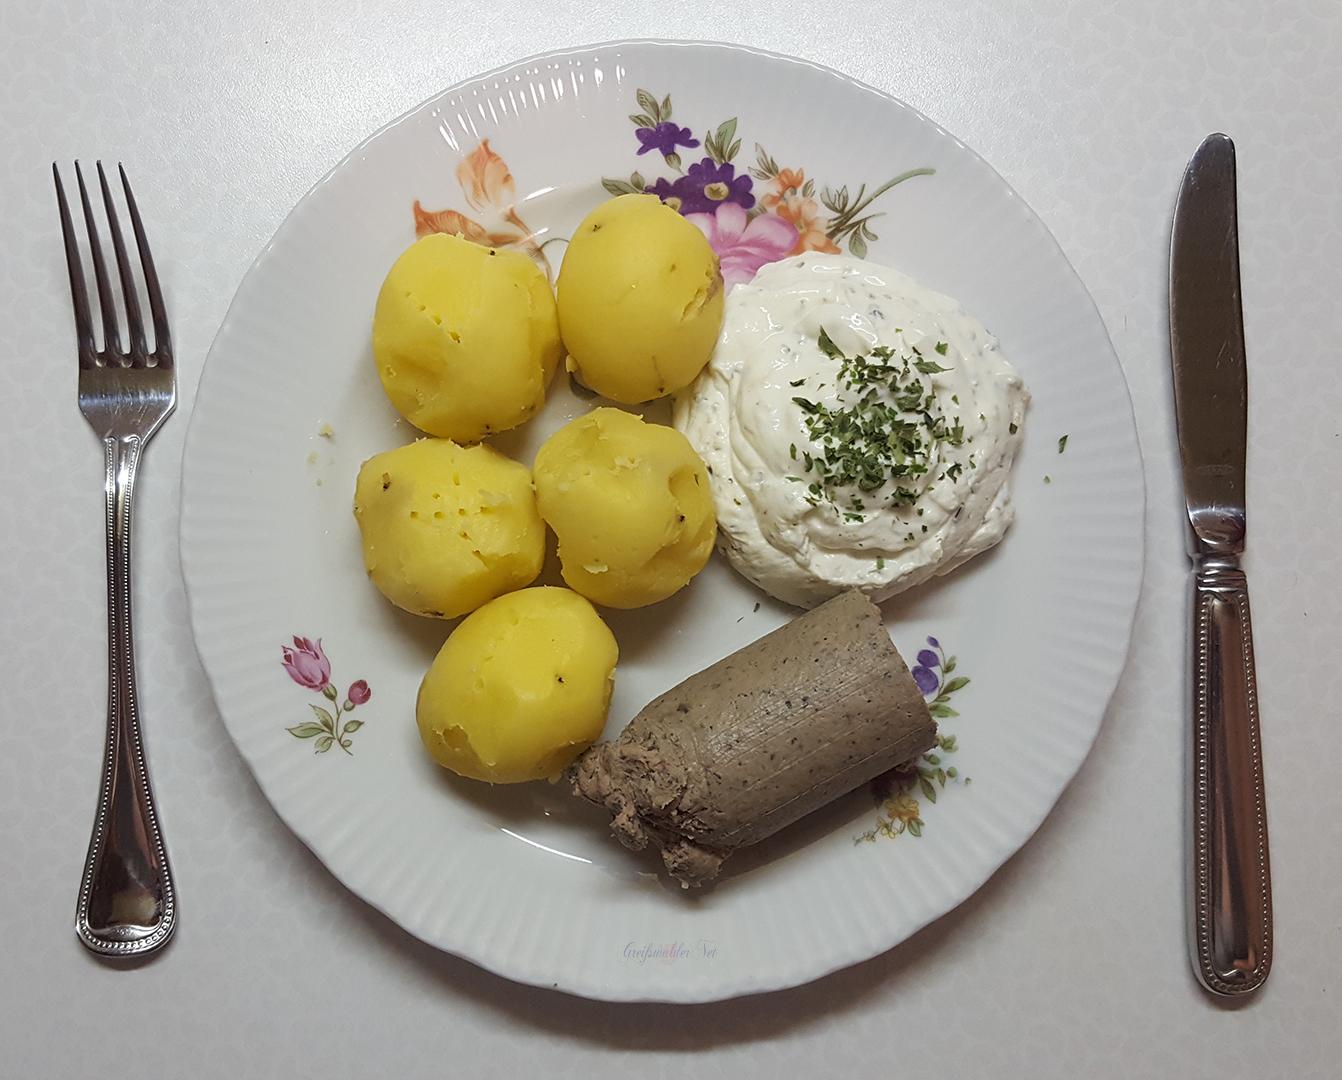 Pellkartoffeln mit Kräuterquark und Leberwurst